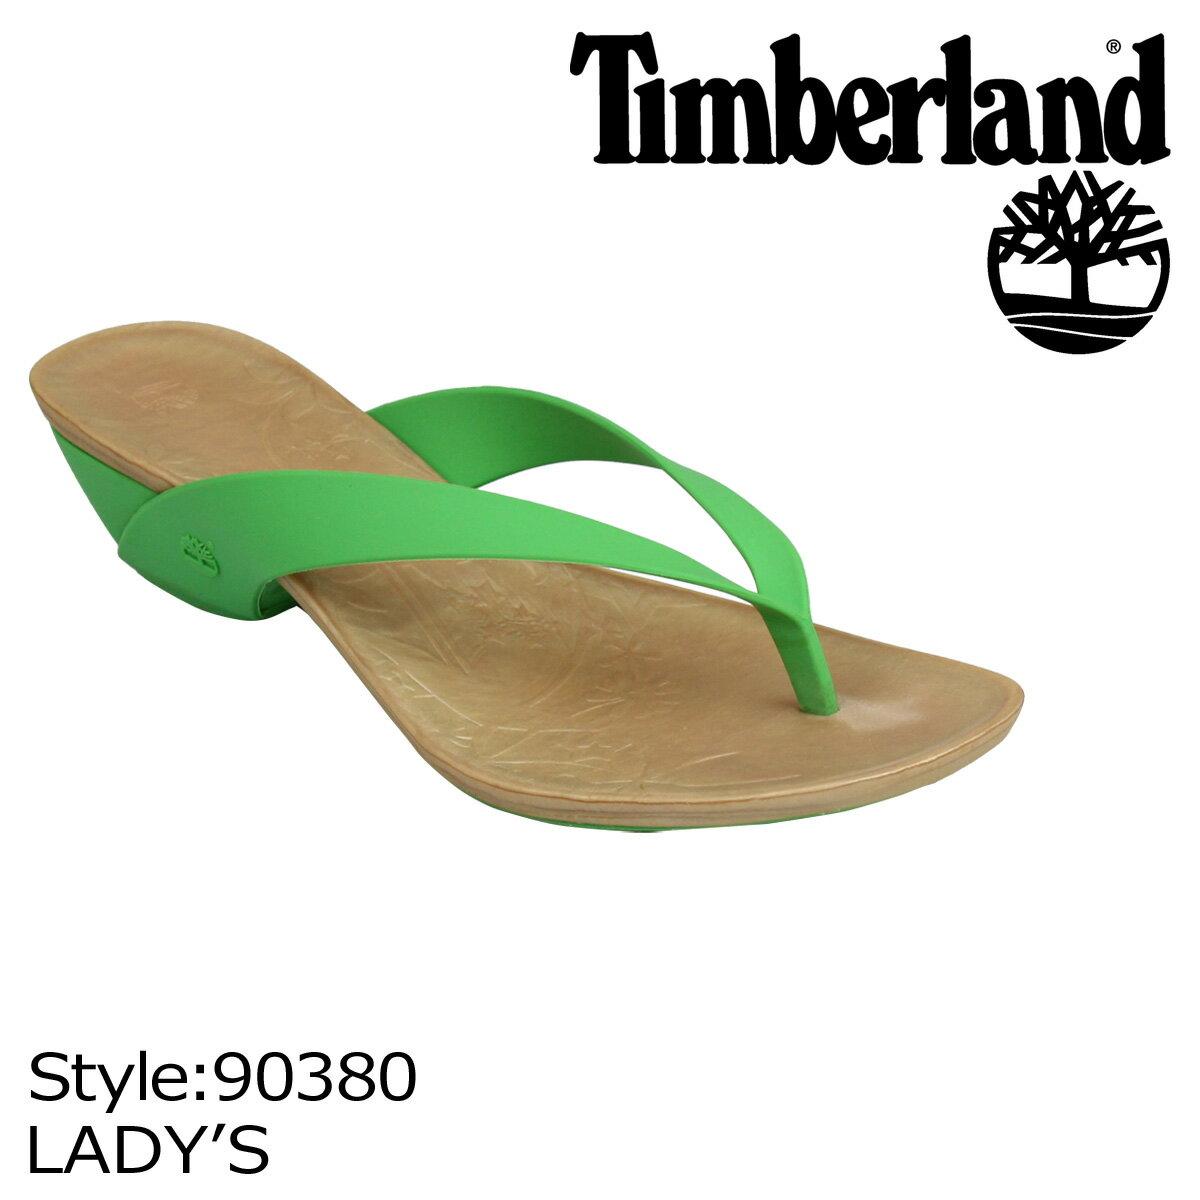 【訳あり】 Timberland ティンバーランド レディース サンダル WOMEN'S FLIRTATIOUS THONG トングサンダル 90380 グリーン